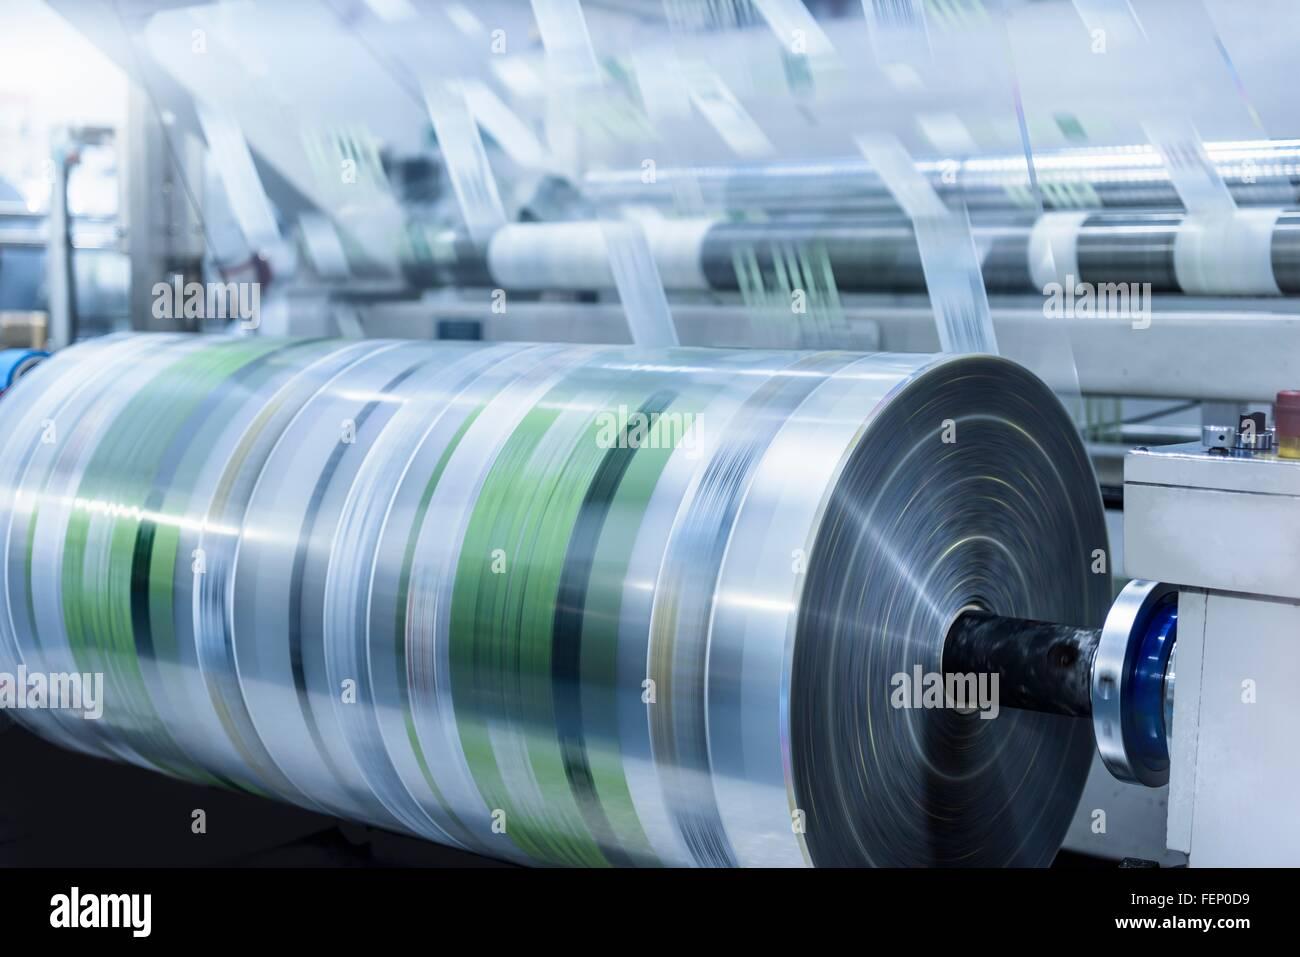 Rollos de película de plástico impreso en la fábrica de impresión de embalaje de alimentos Imagen De Stock